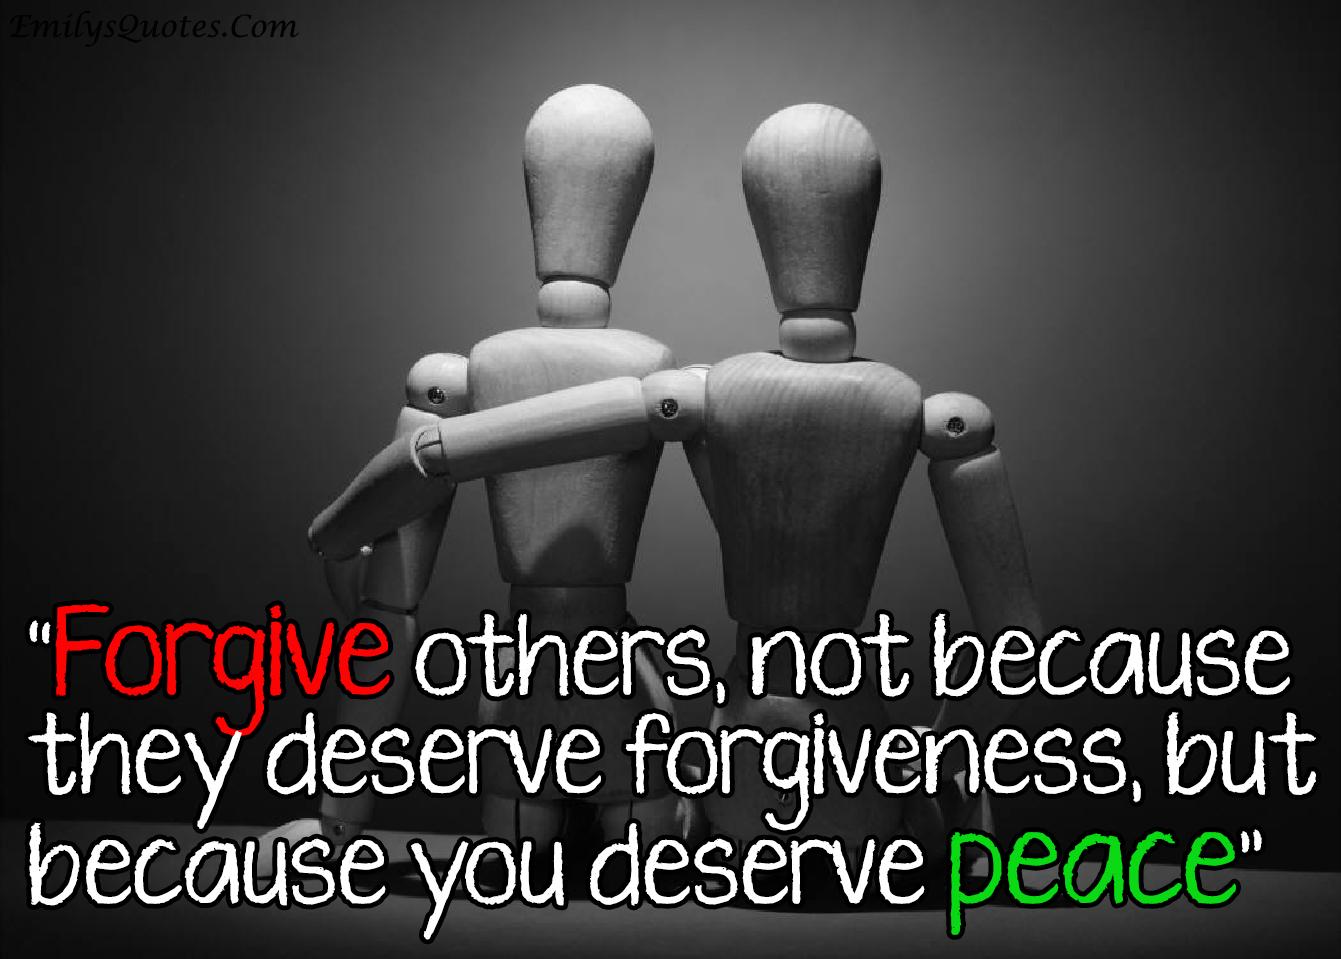 EmilysQuotes.Com - forgive, peace, wisdom, positive